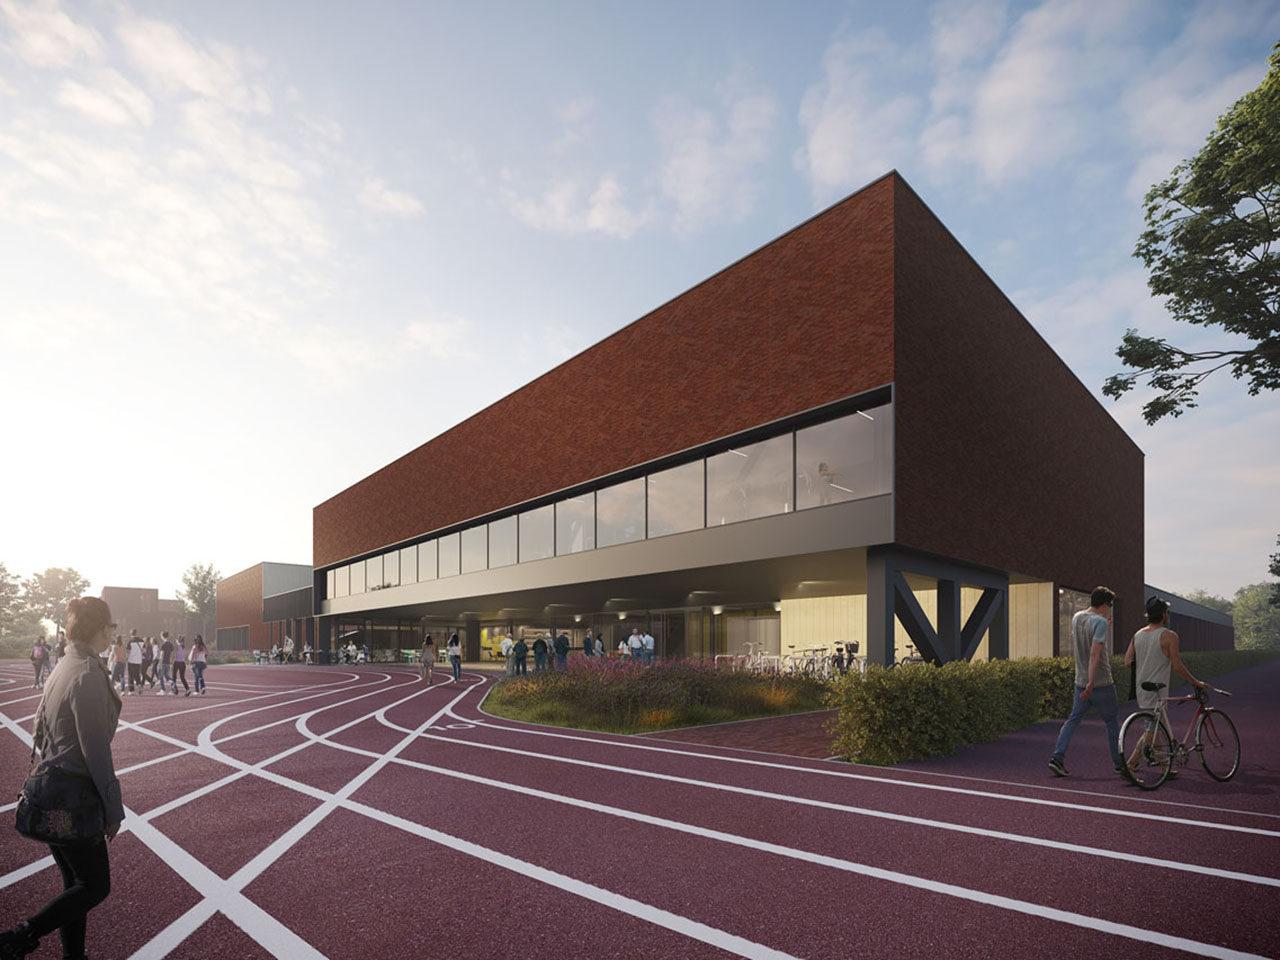 Sports complex Hellevoetsluis